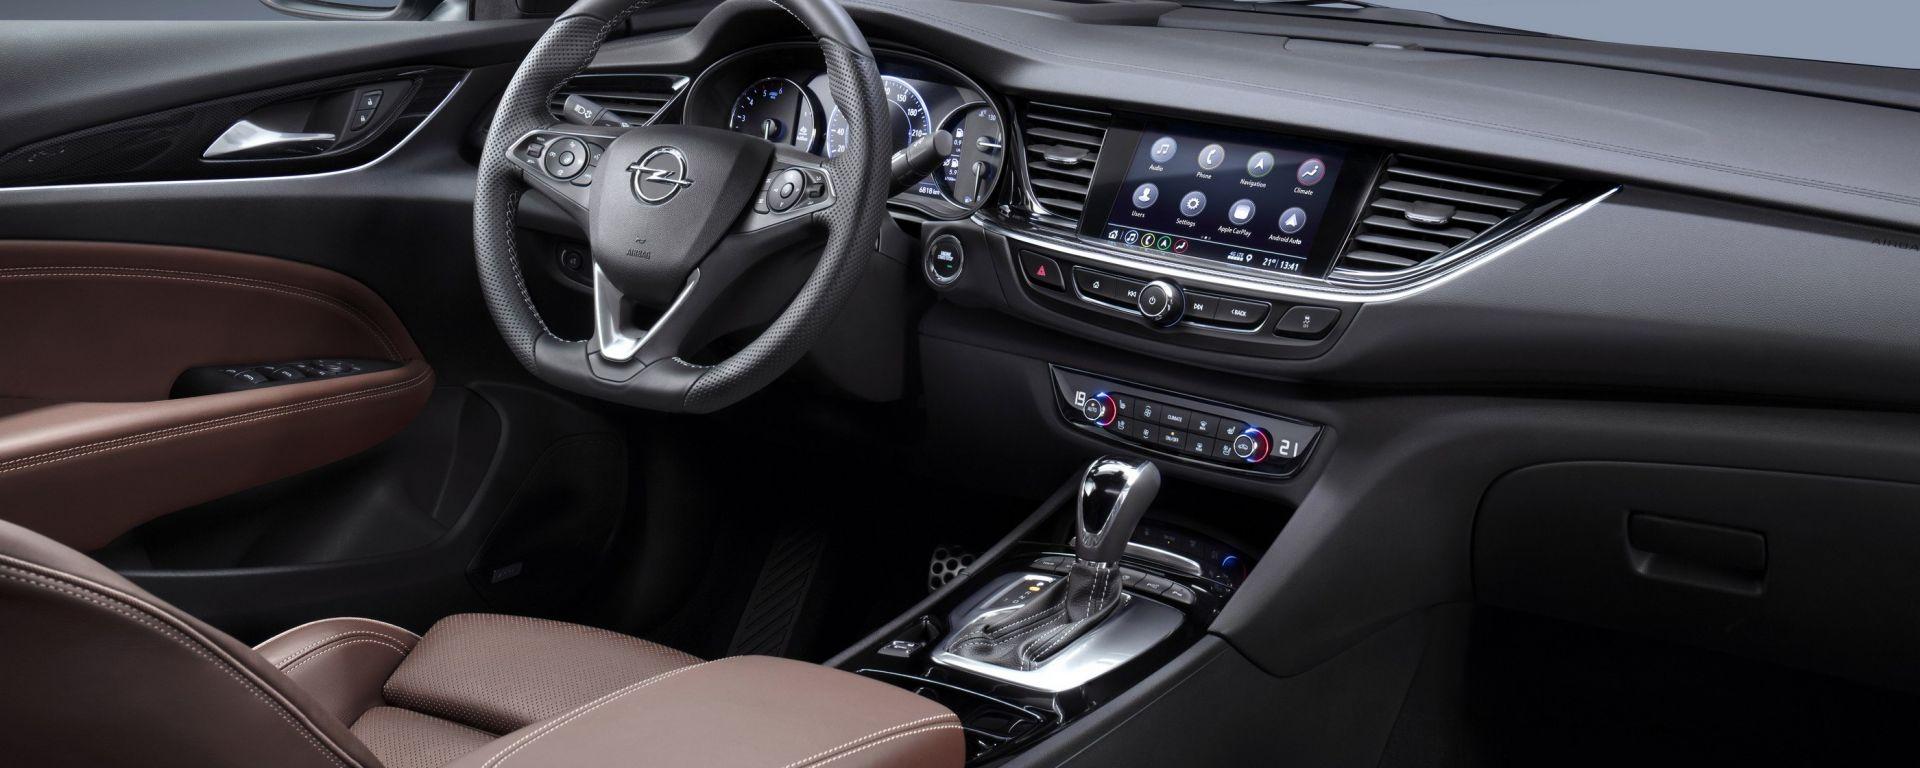 Opel Insignia: più connessa con il nuovo infotainment